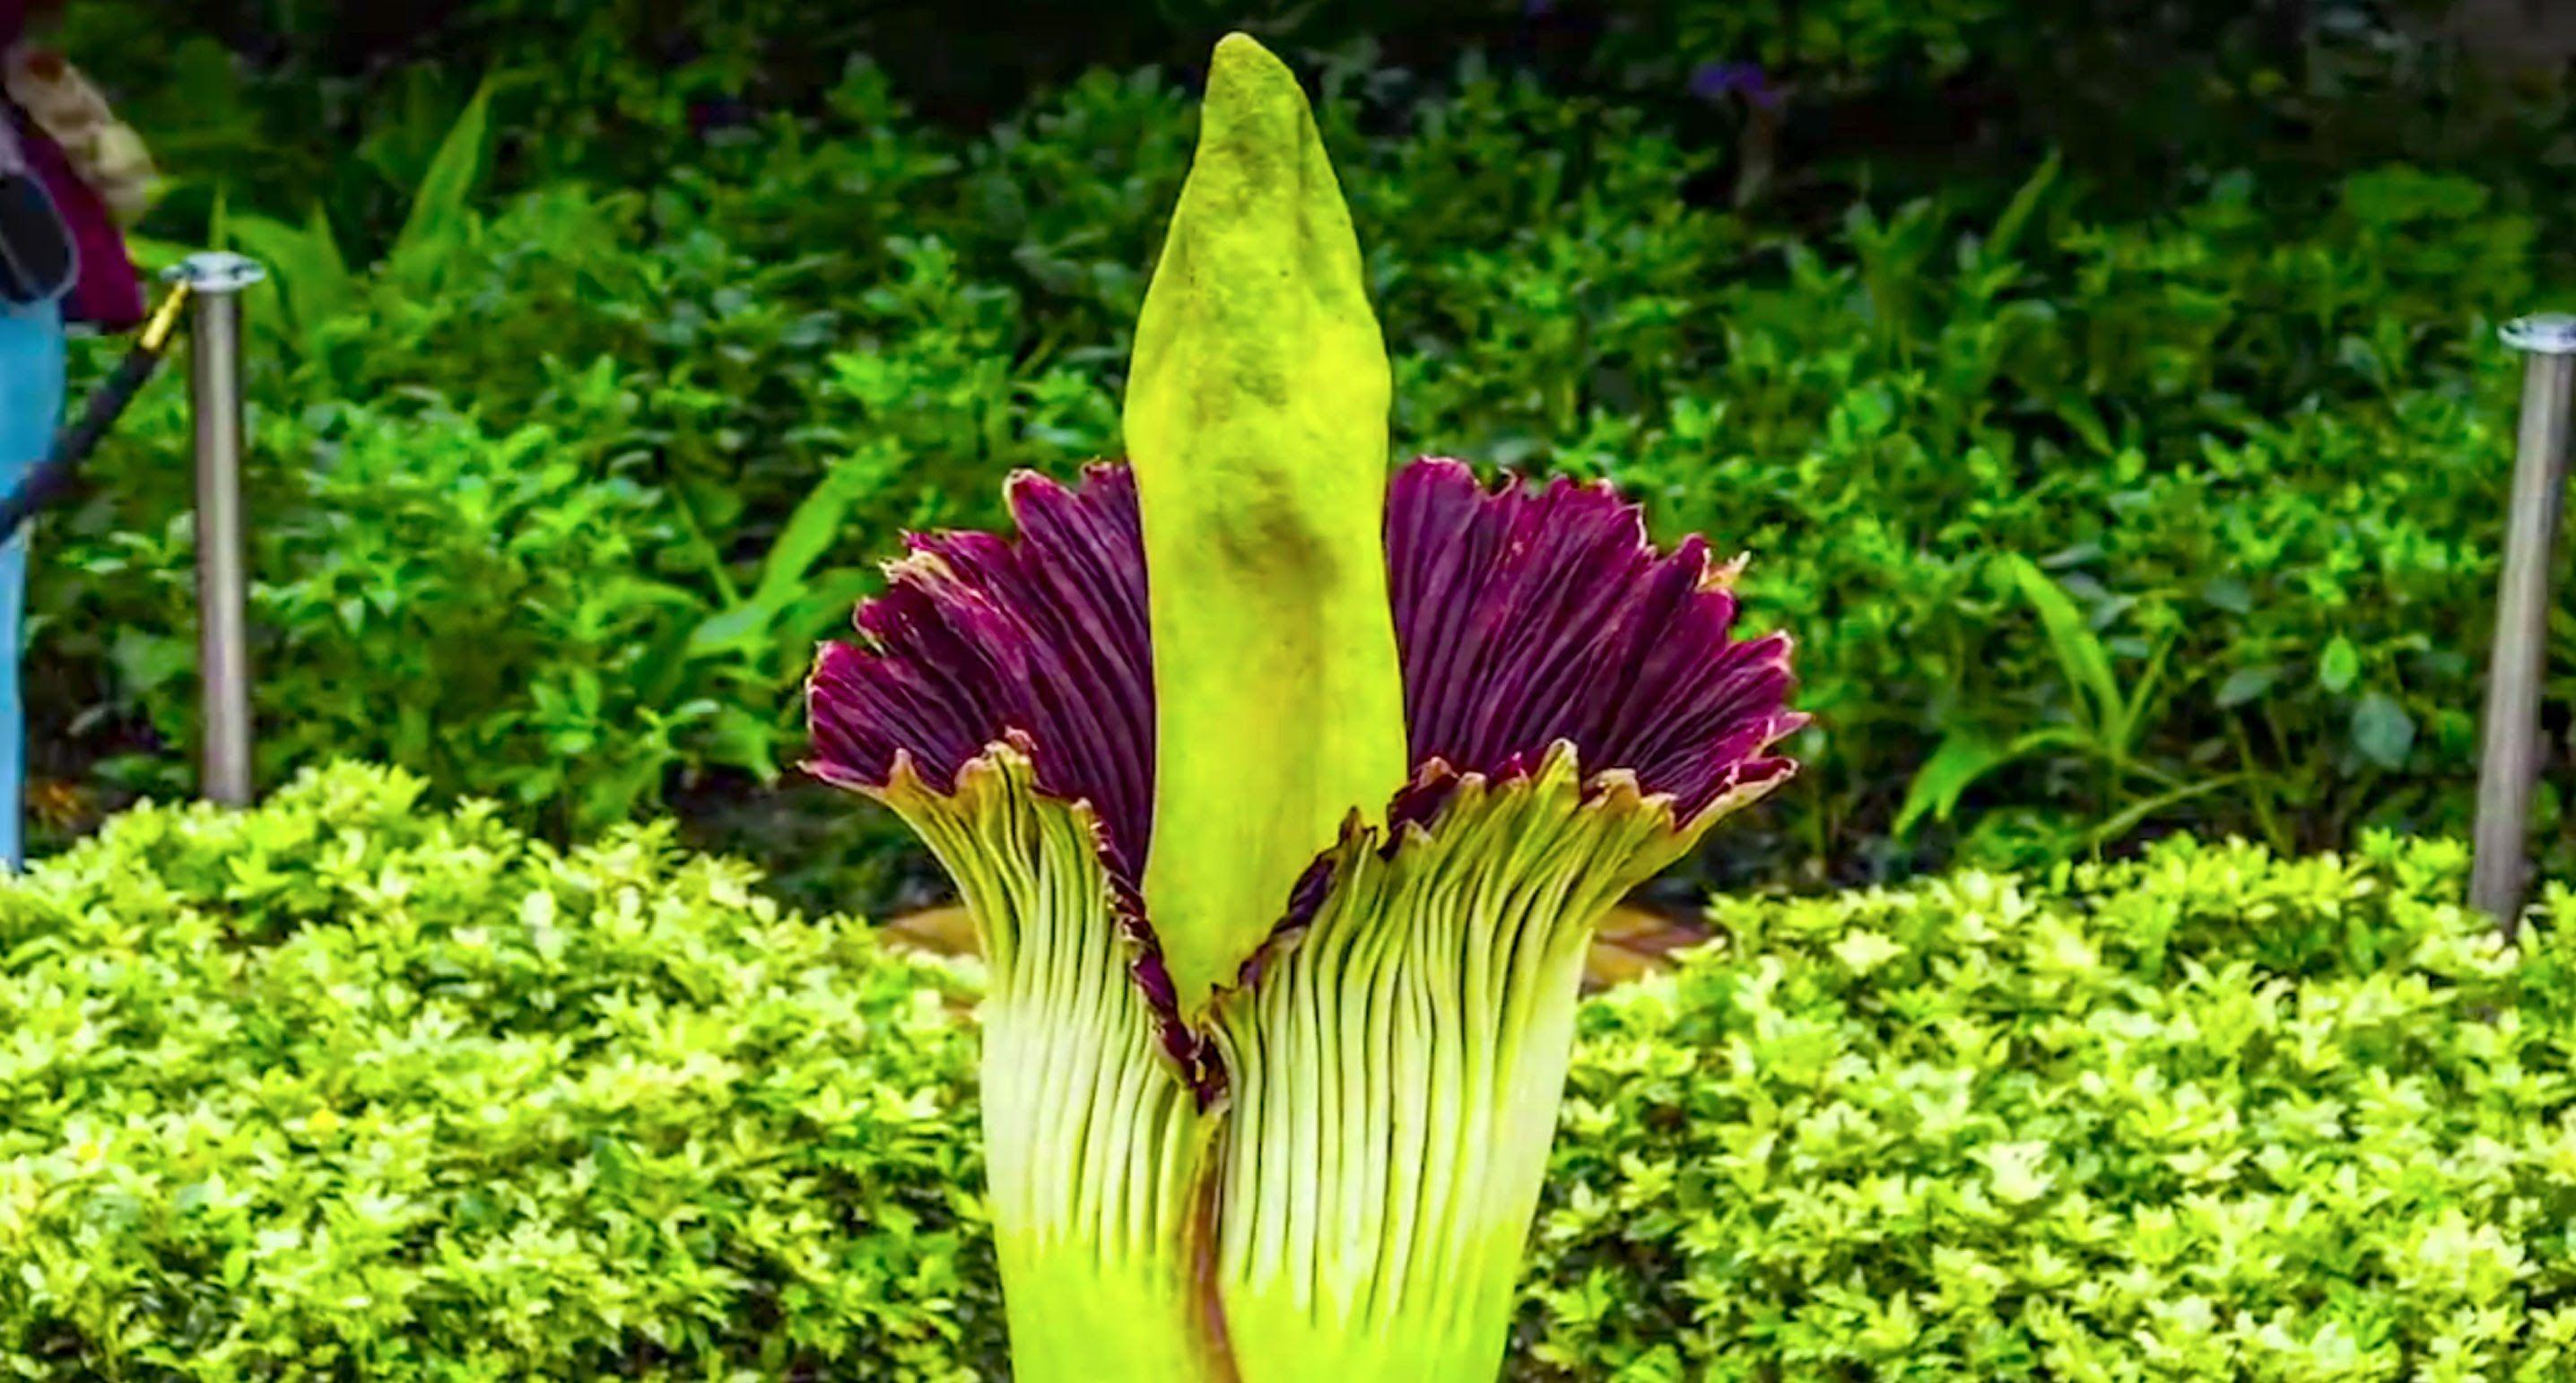 Corpse Flower Timelapse Video Chicago Botanic Garden Corpse Flower Chicago Botanic Garden Rare Flowers